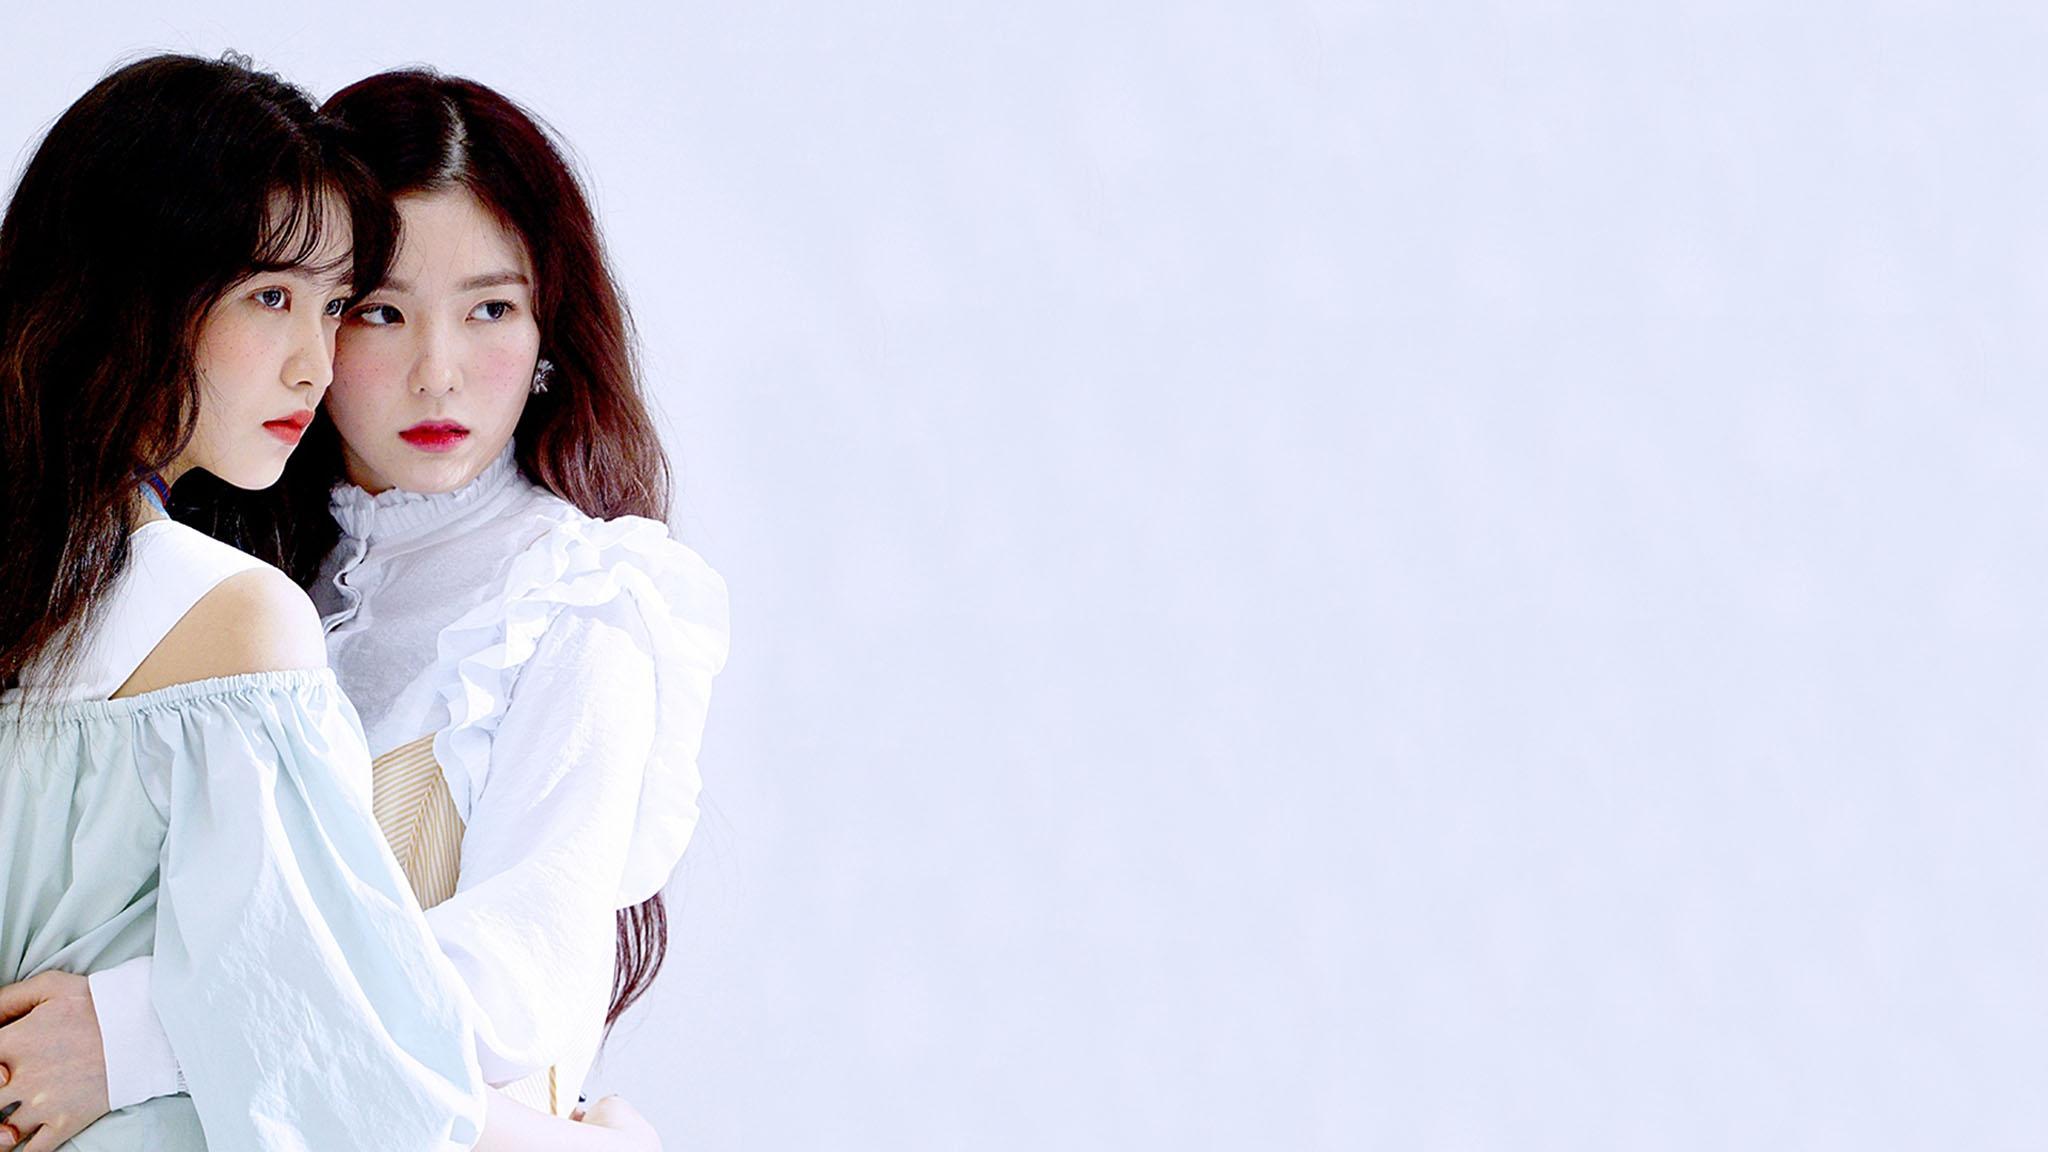 Yeri Irene Red Velvet Wallpaper 40873338 Fanpop Page 74